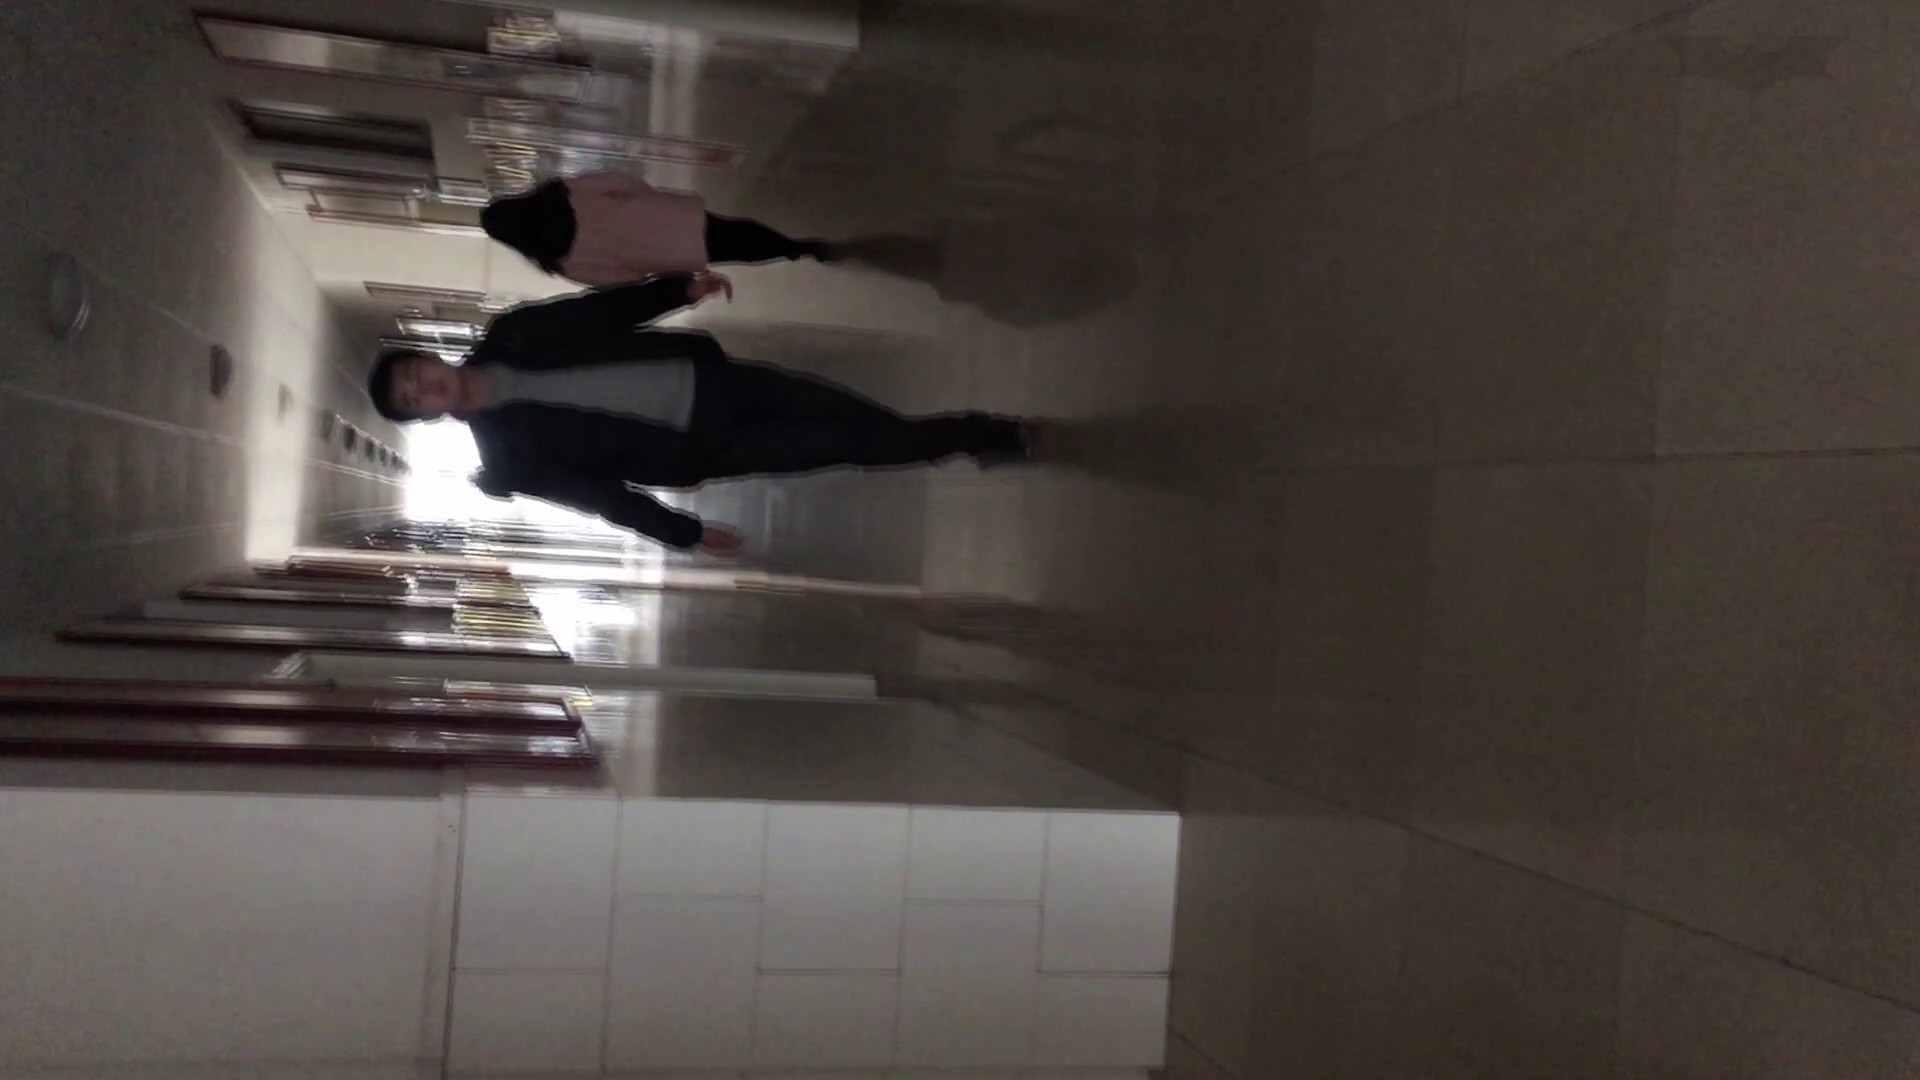 芸術大学ガチ潜入盗撮 JD盗撮 美女の洗面所の秘密 Vol.80 トイレ中 | 洗面所着替え  64連発 14